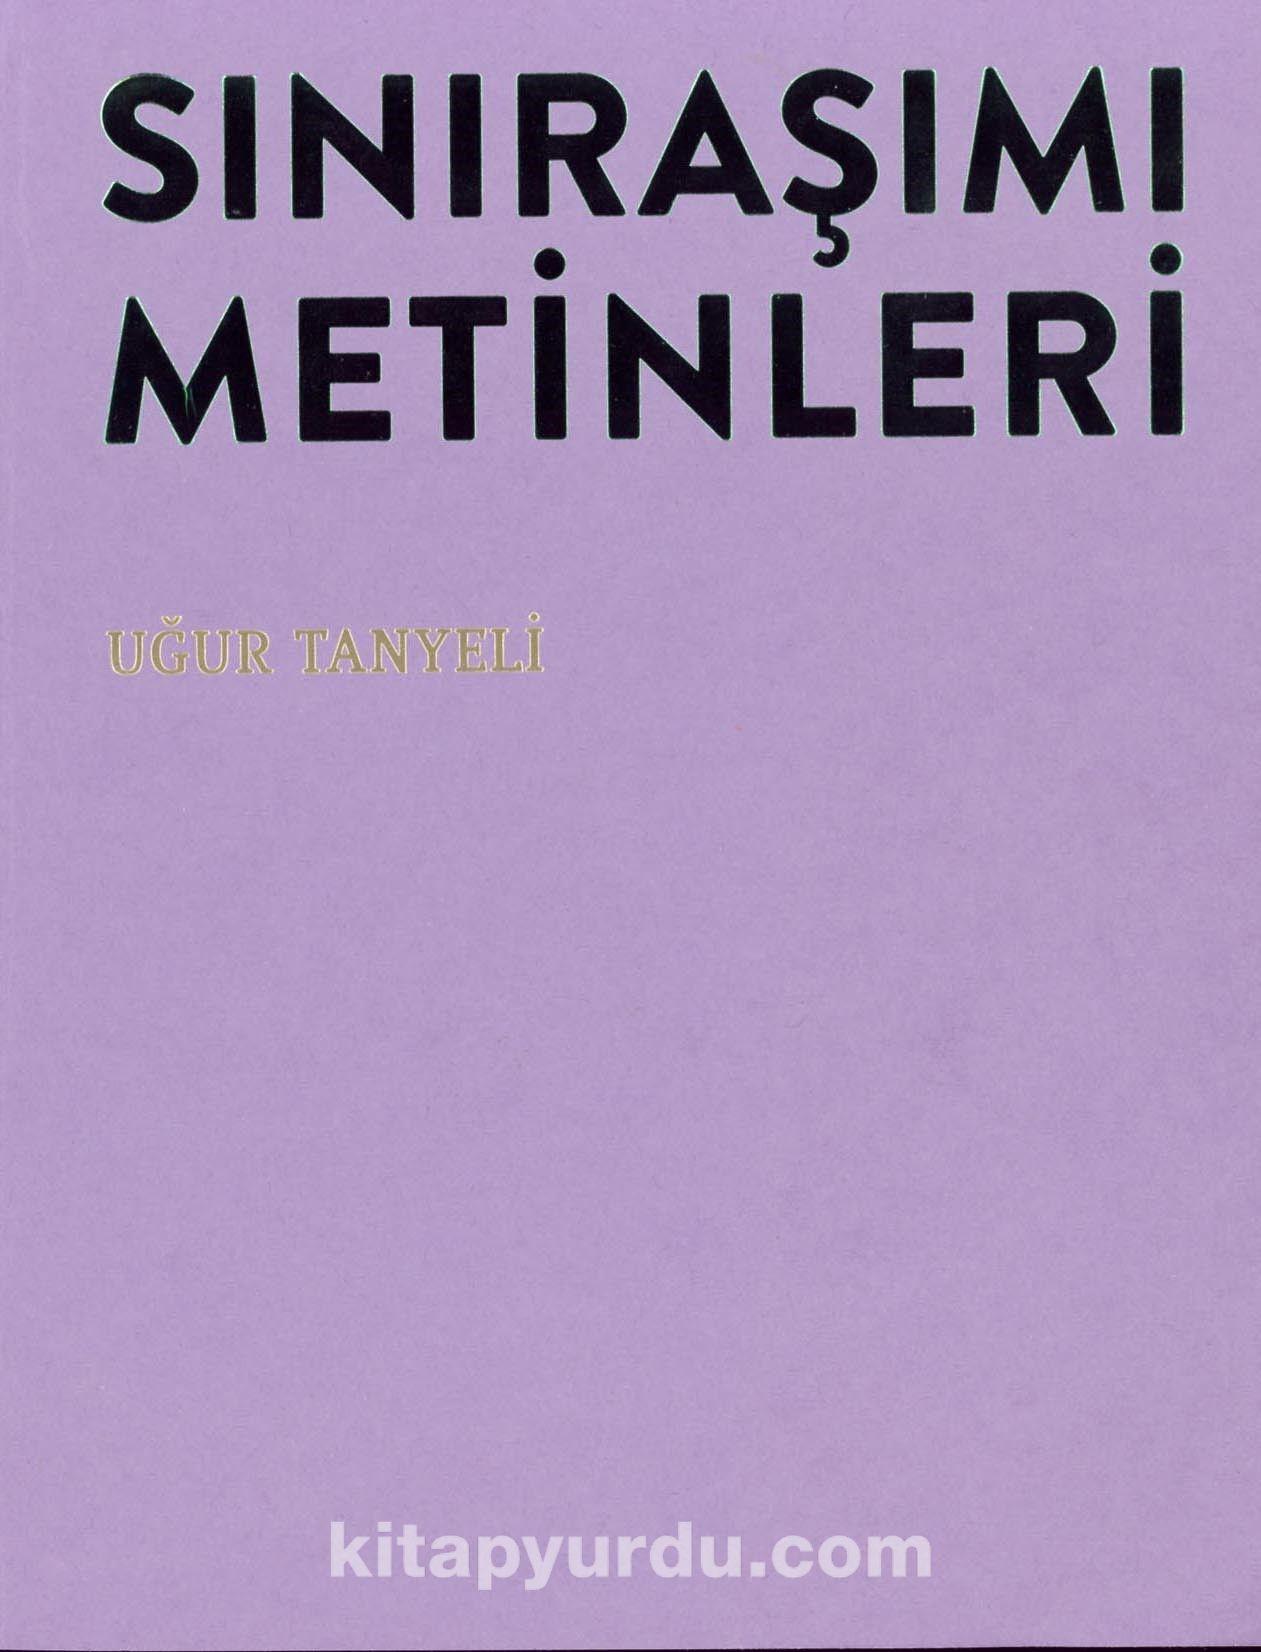 Sınıraşımı Metinleri & Osmanlı Mekanının Peşinde 15.-19. Yüzyıllar